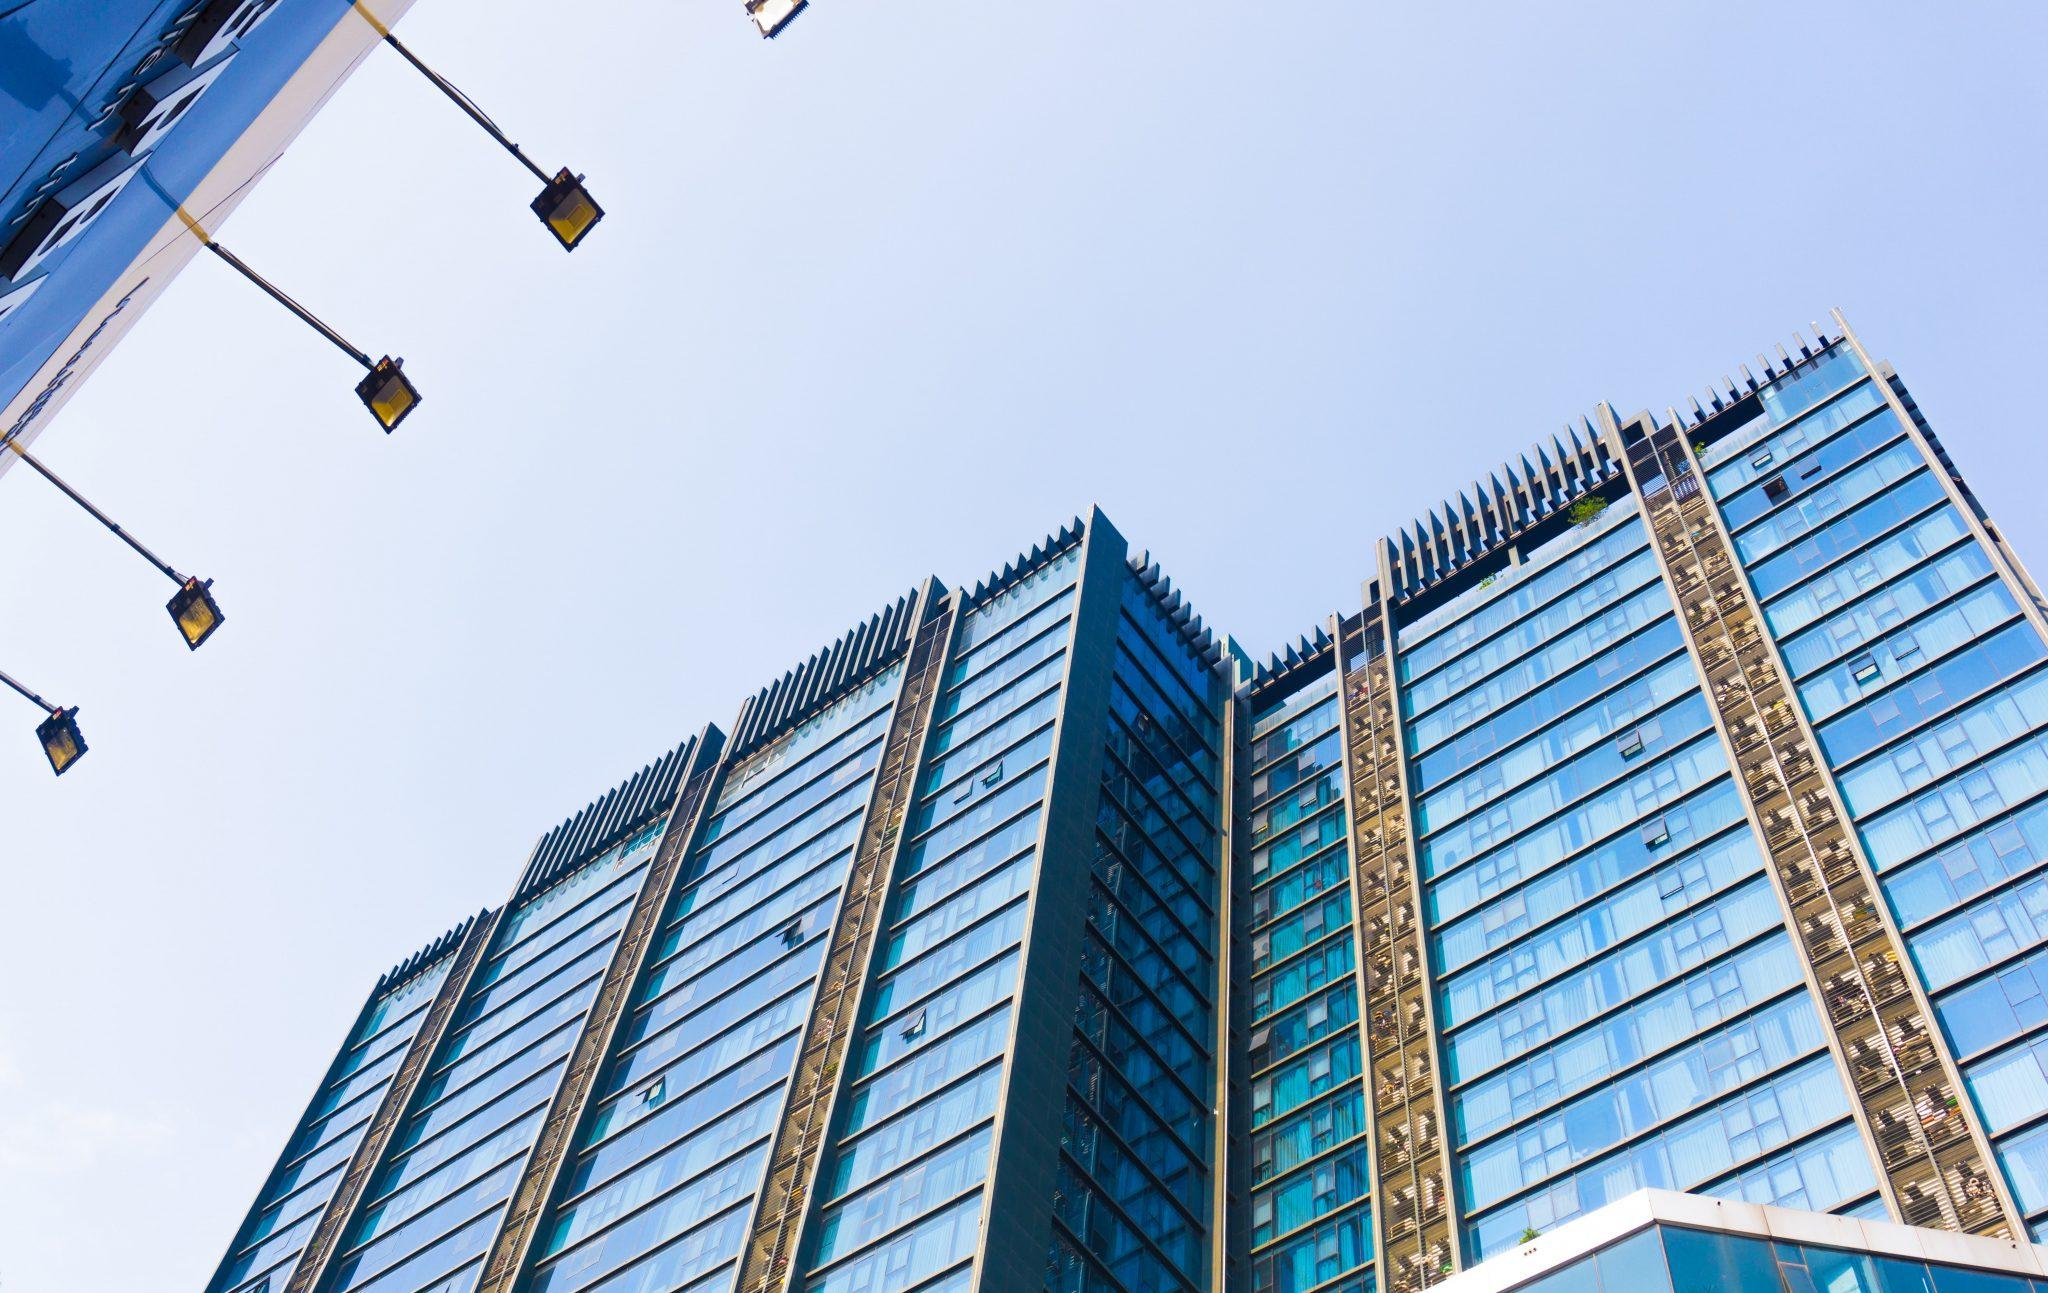 Réseau immobilier Century21 Era Bouge Swixim International Engels & Völkers WeInvest Colorimmo